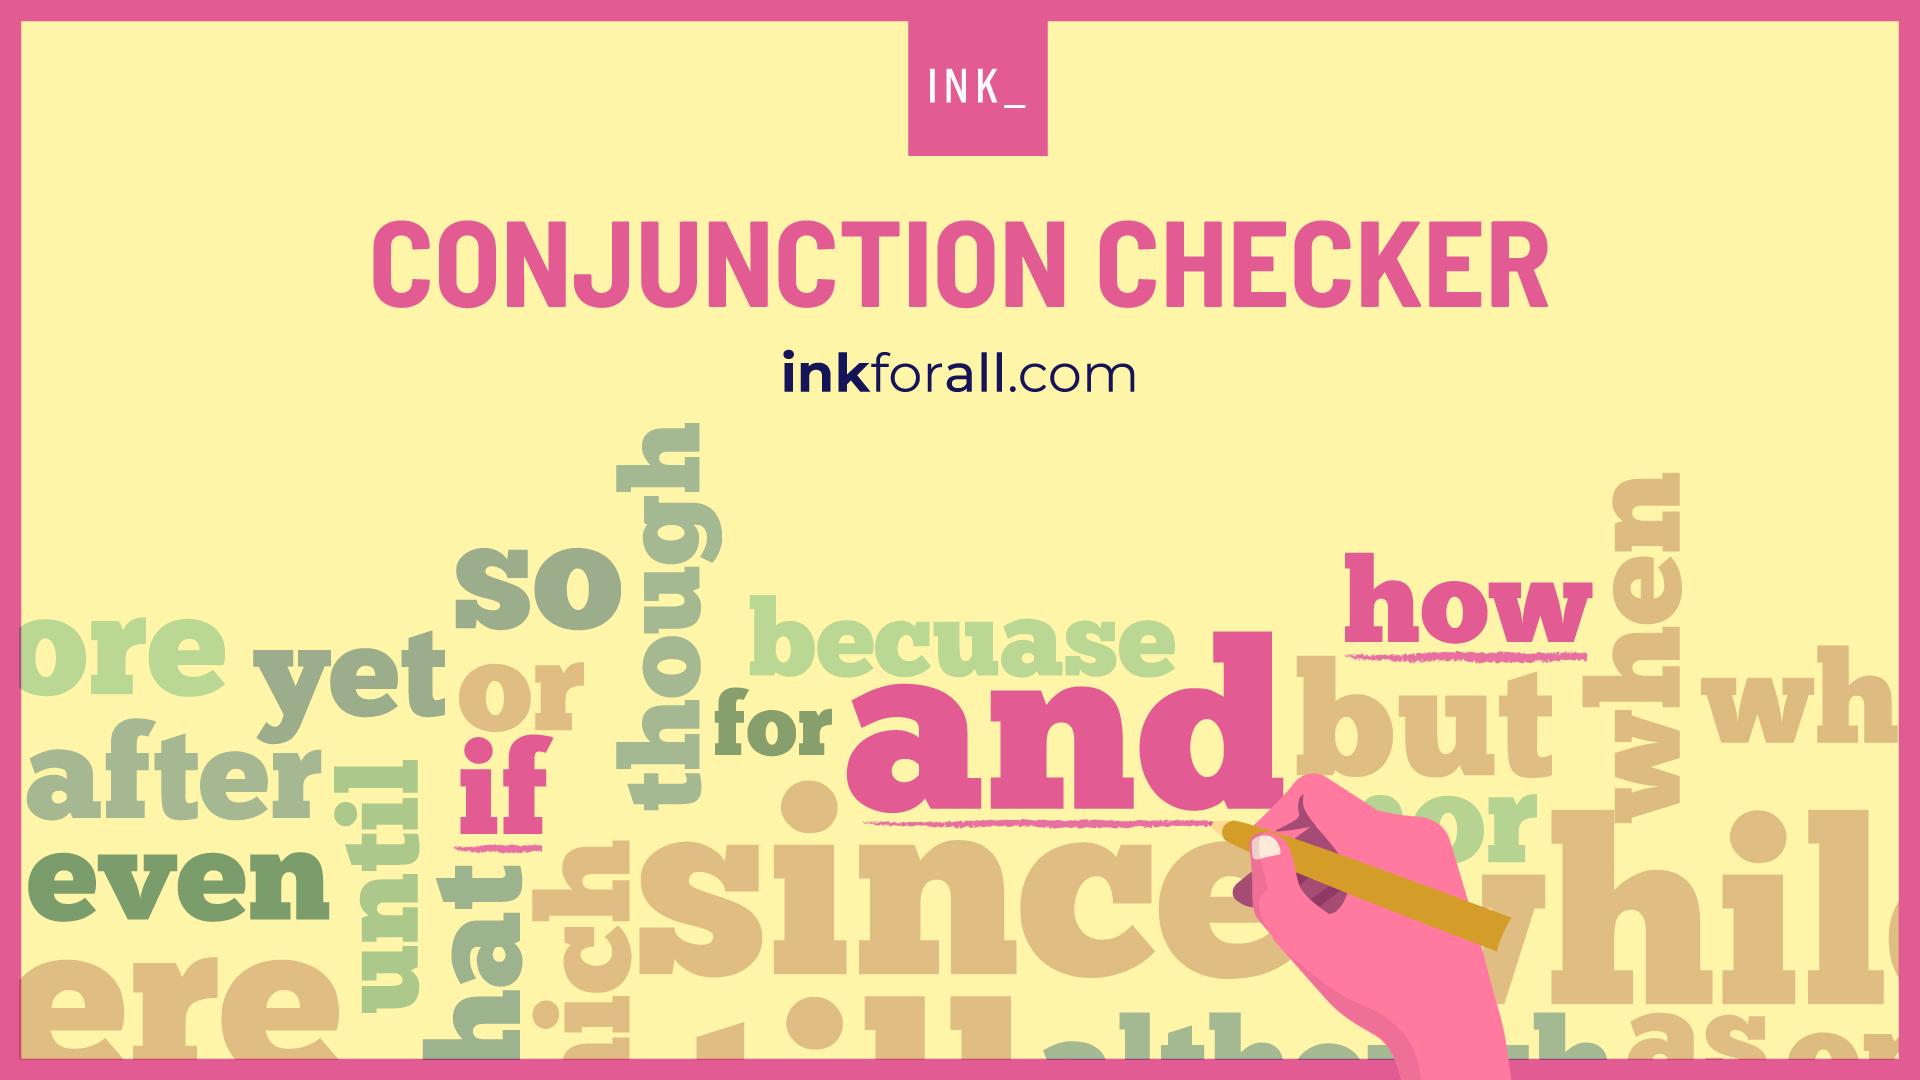 Conjuction checker